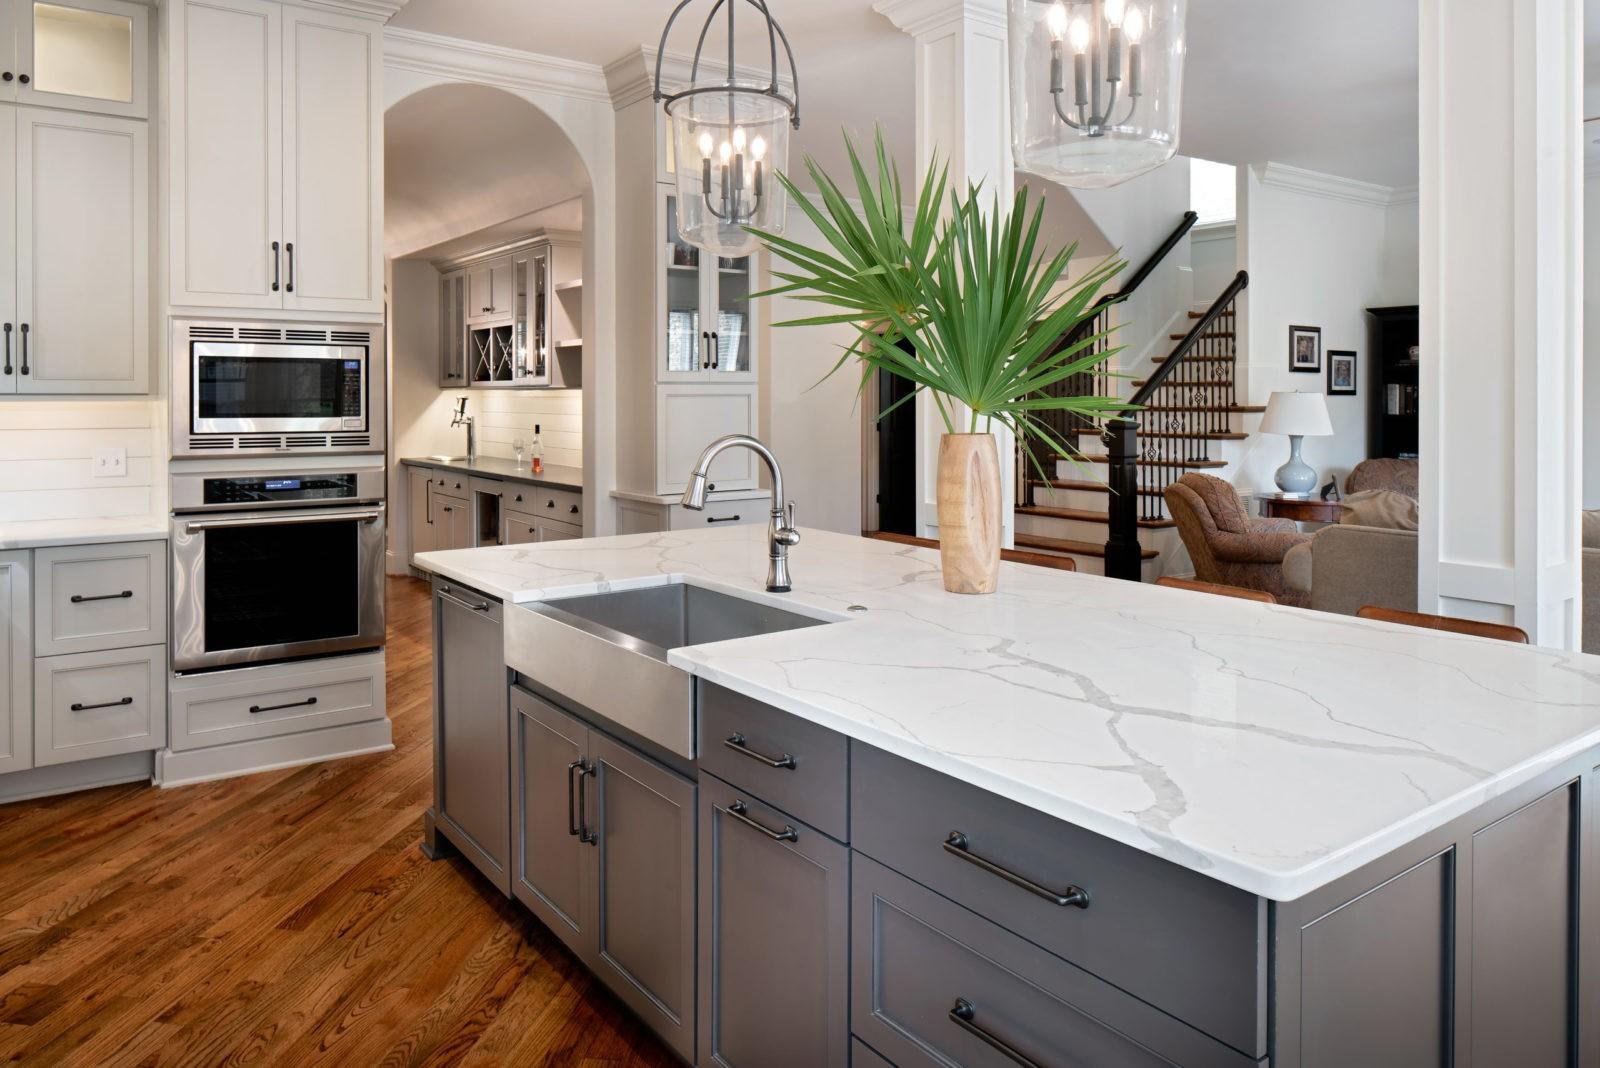 modern-farmhouse-style-kitchen-design